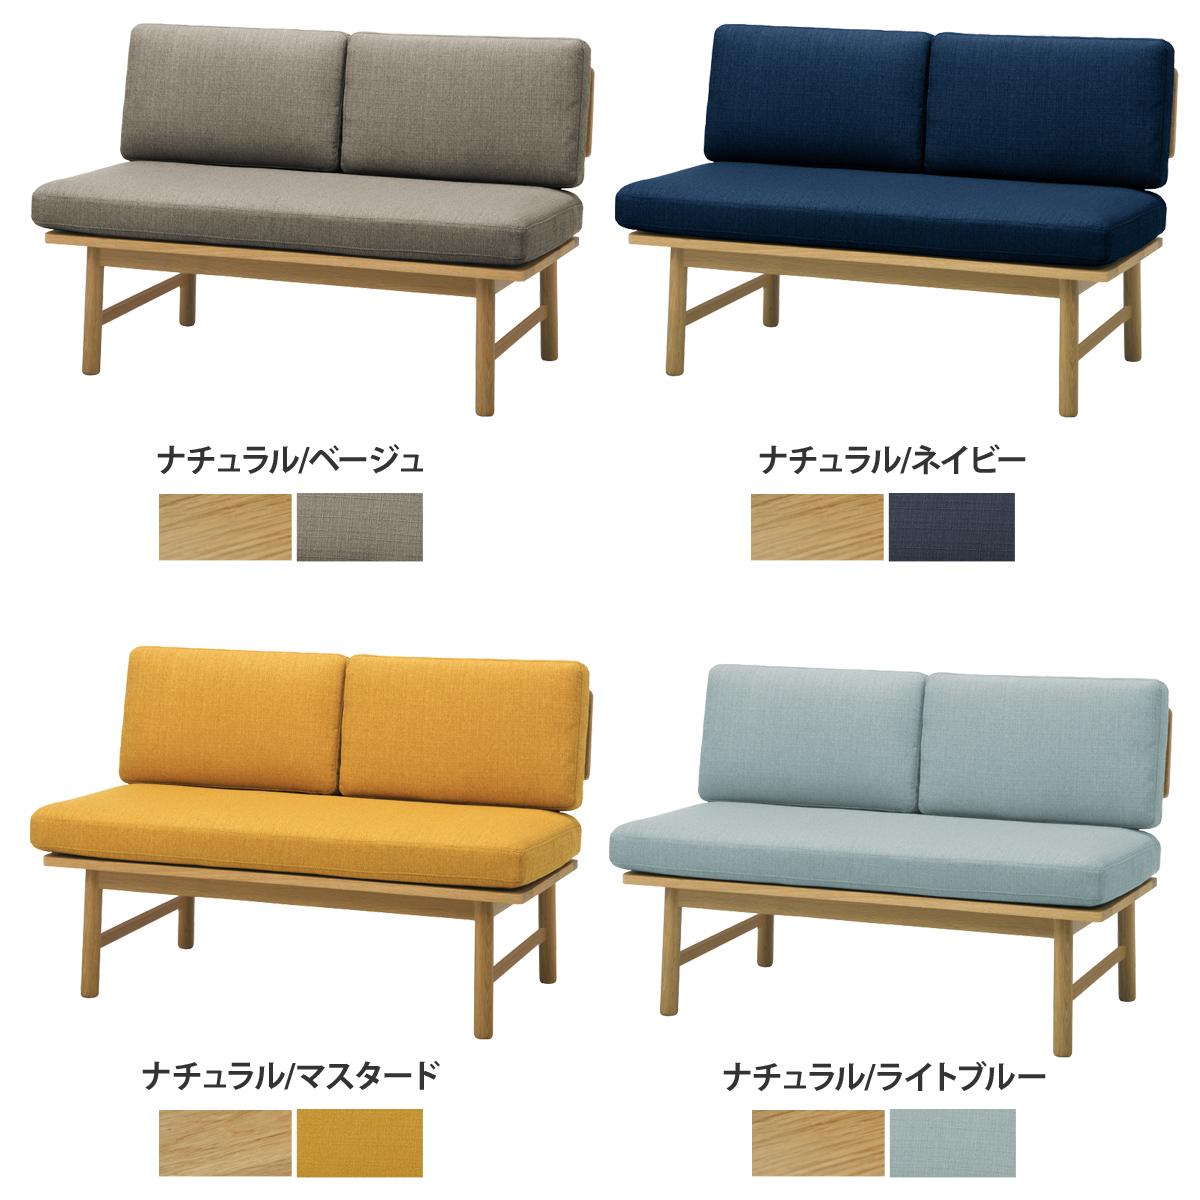 楽天市場ソファ 2人掛け フラッフ Fluff 2人掛けソファー 単品 椅子